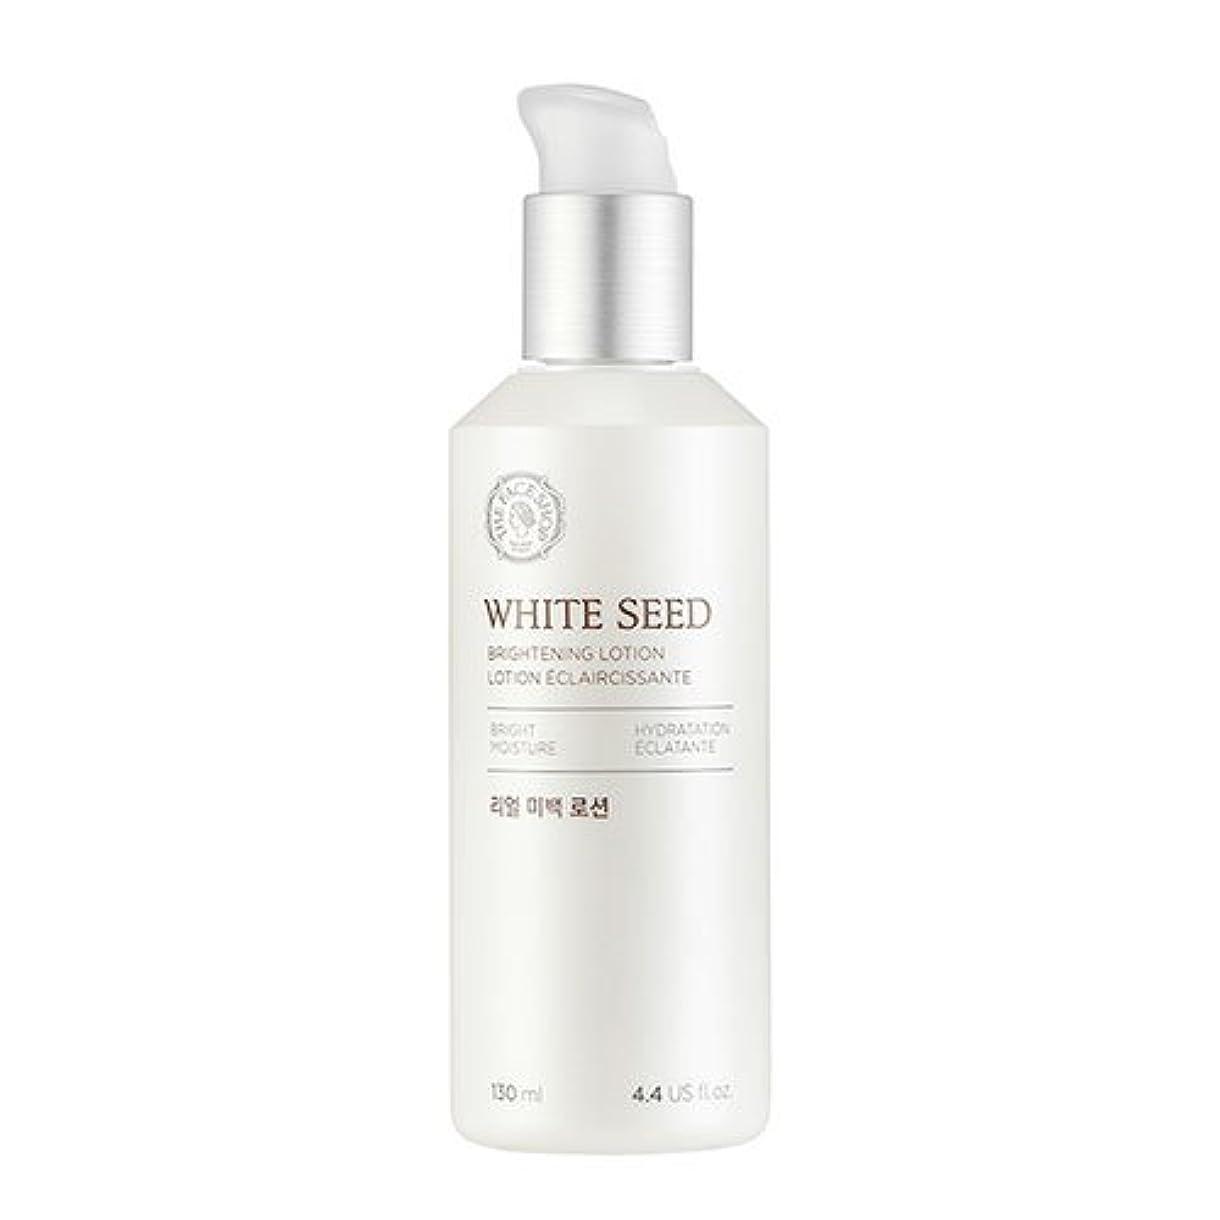 定義繊維動力学ザフェイスショップ(THEFACESHOP) ホワイトシードビライトニングローション 乳液 WHITE SEED BRIGHTNING LOTION 130ml